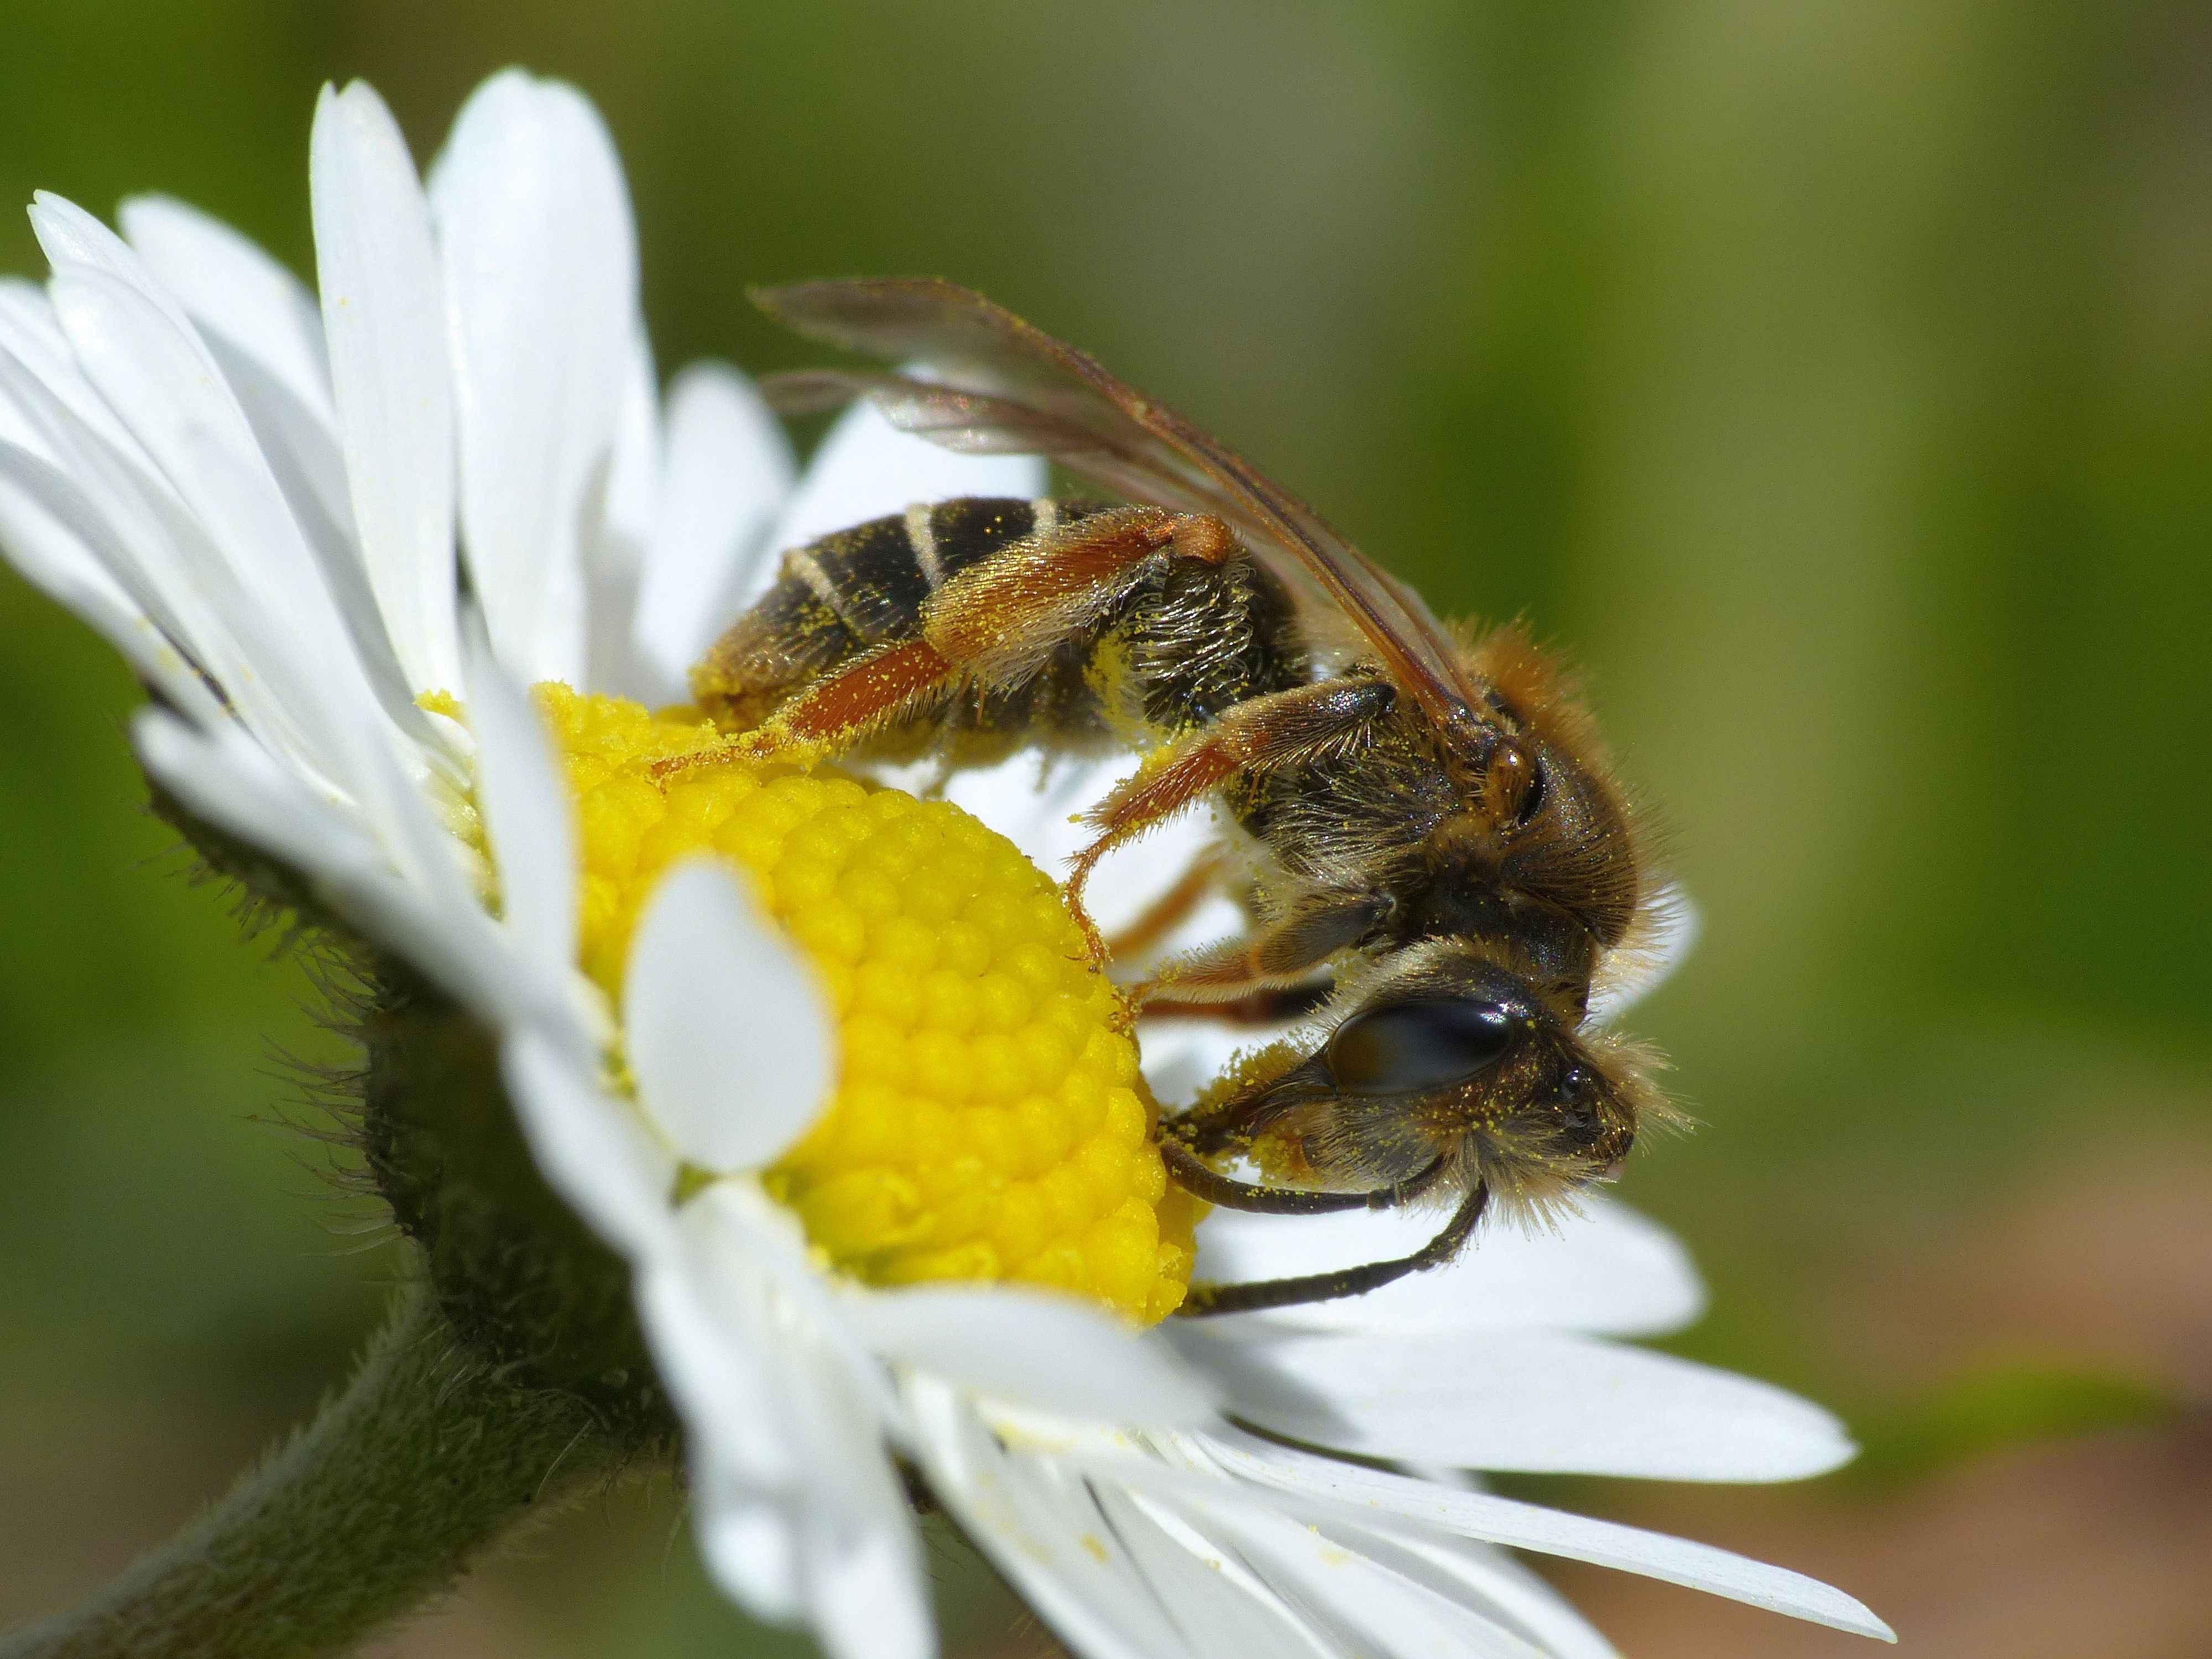 Stadsbijen: volkstuinen en tuinen kunnen helpen de achteruitgang te stoppen – Engels onderzoek